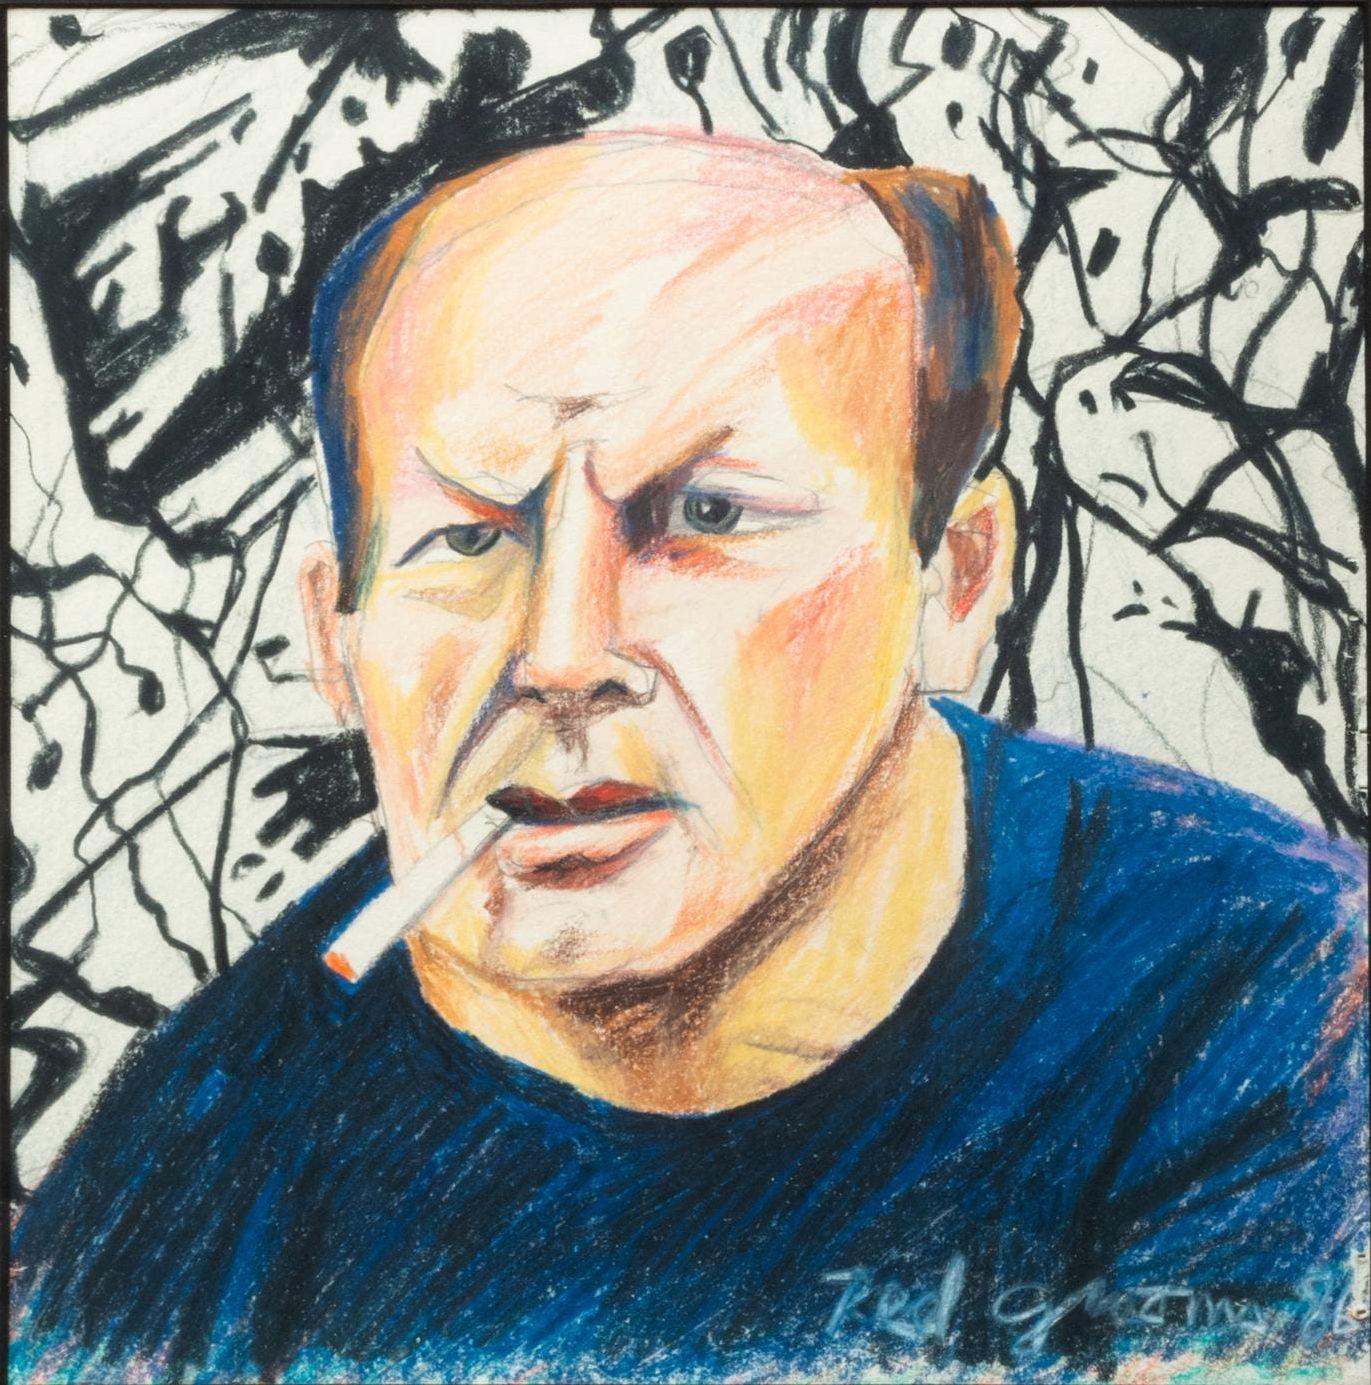 """""""Jackson Pollock,"""" Red Grooms, New York School Pop Art Portrait"""